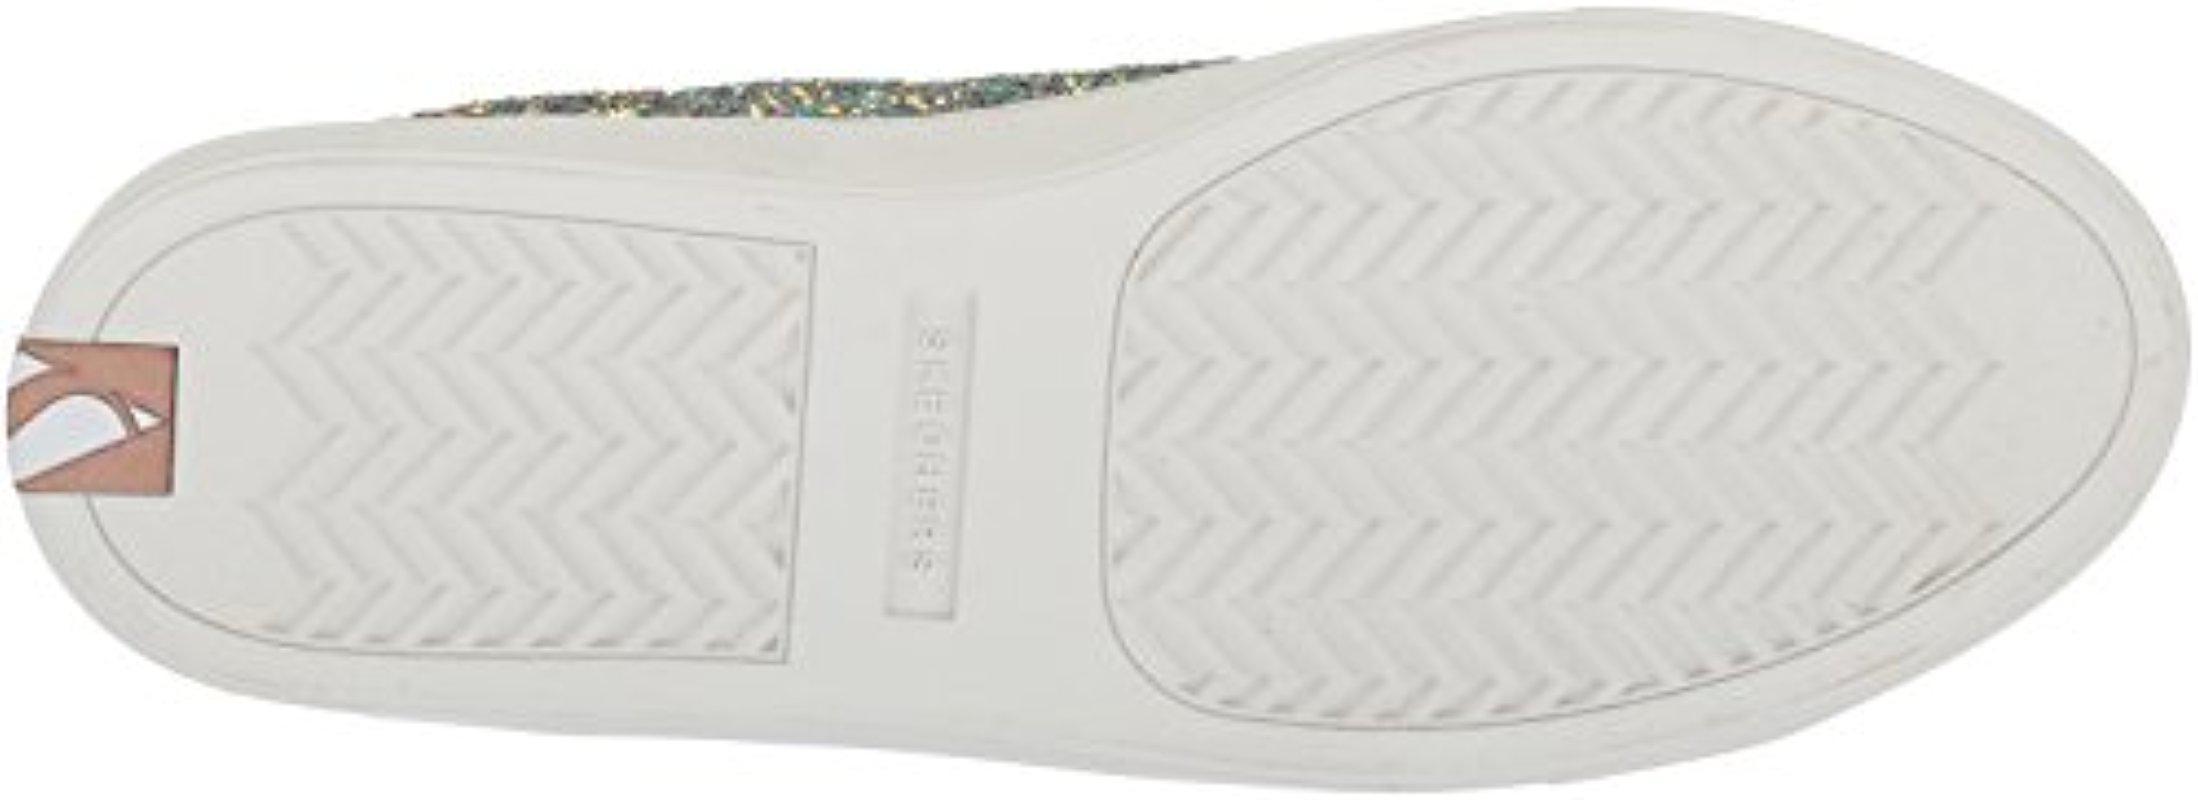 dd39205cb42c8 Skechers Multicolor Side Street-rock Glitter Sneaker